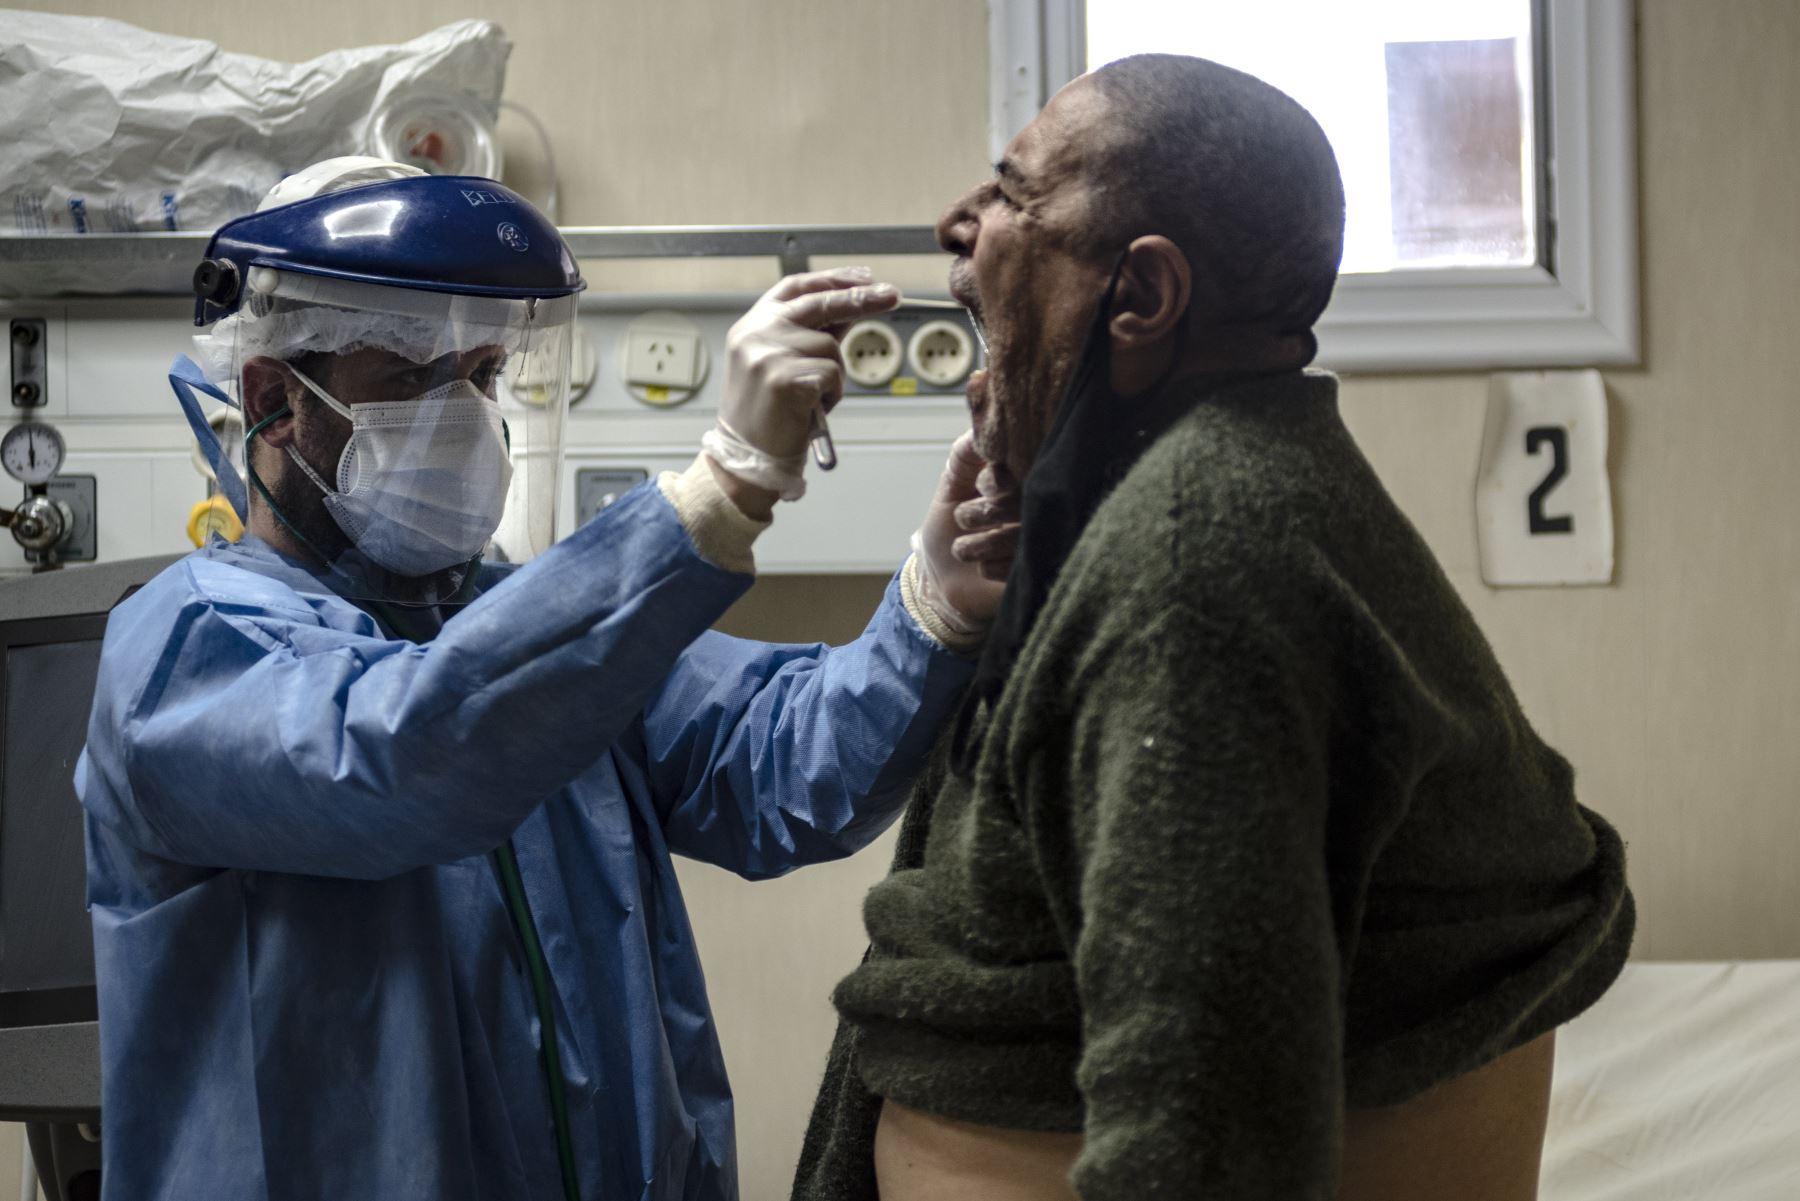 Argentina es el quinto país en el mundo por número de casos y el décimo segundo por número de muertos, según estadísticas de la AFP. Foto: AFP